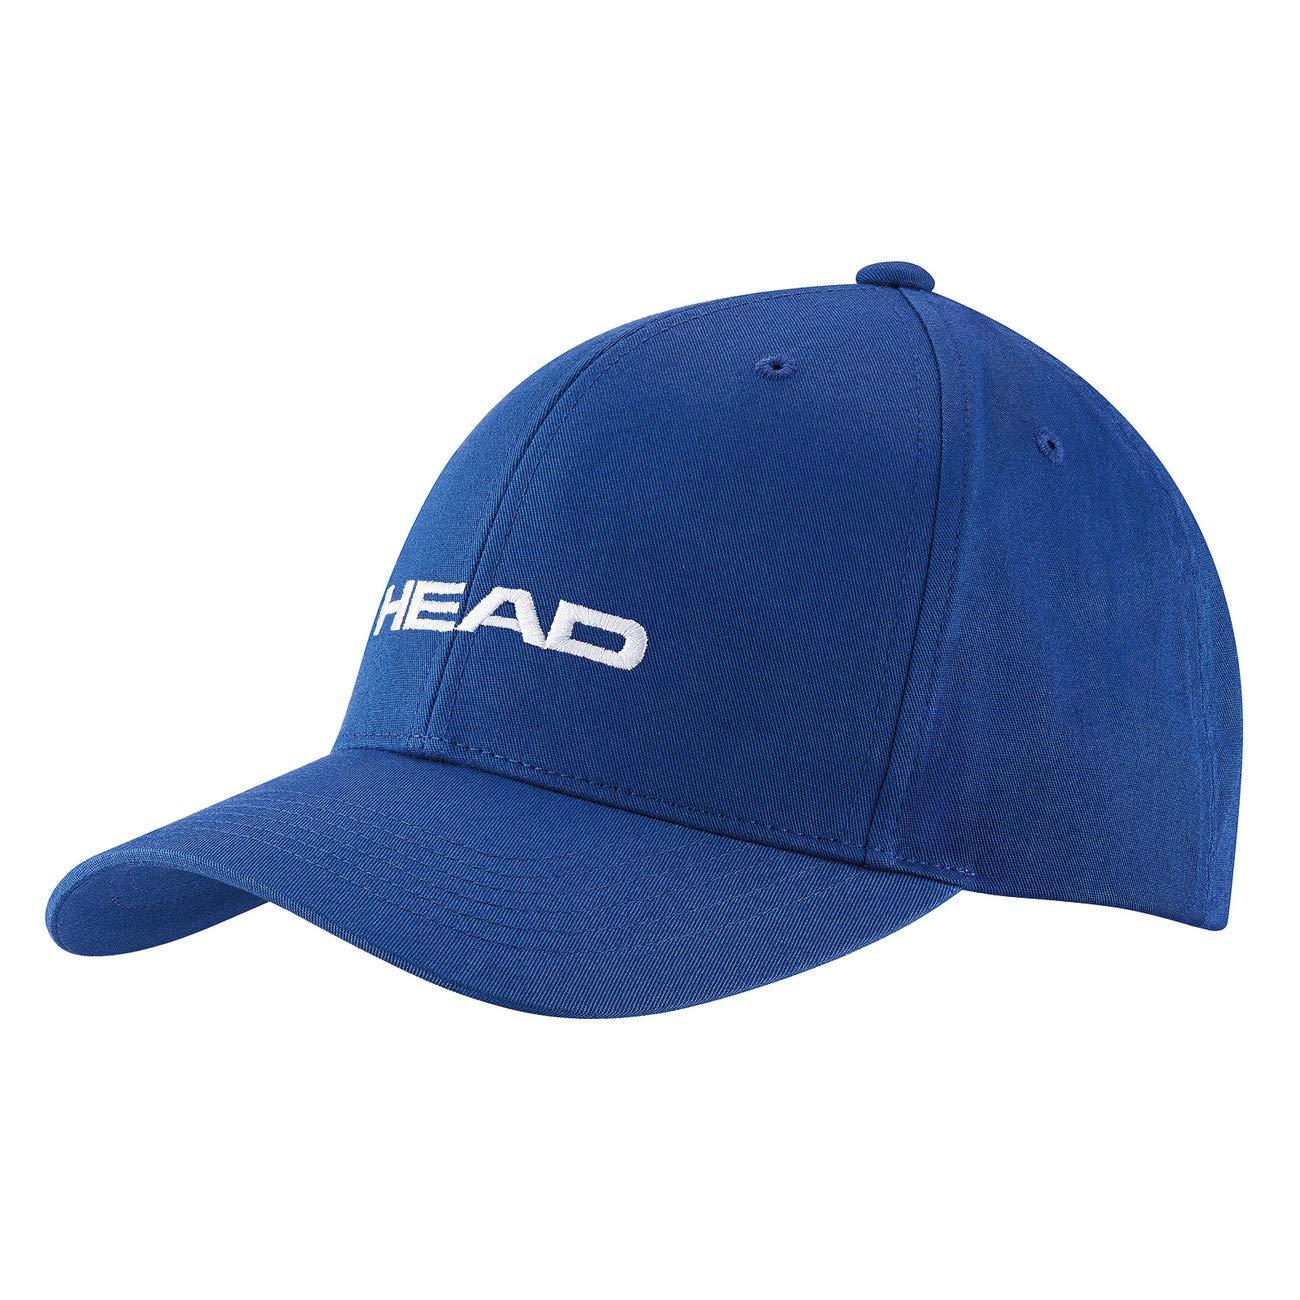 Head Promotion Cap Gorra, Blanco, Talla única: Amazon.es: Deportes ...